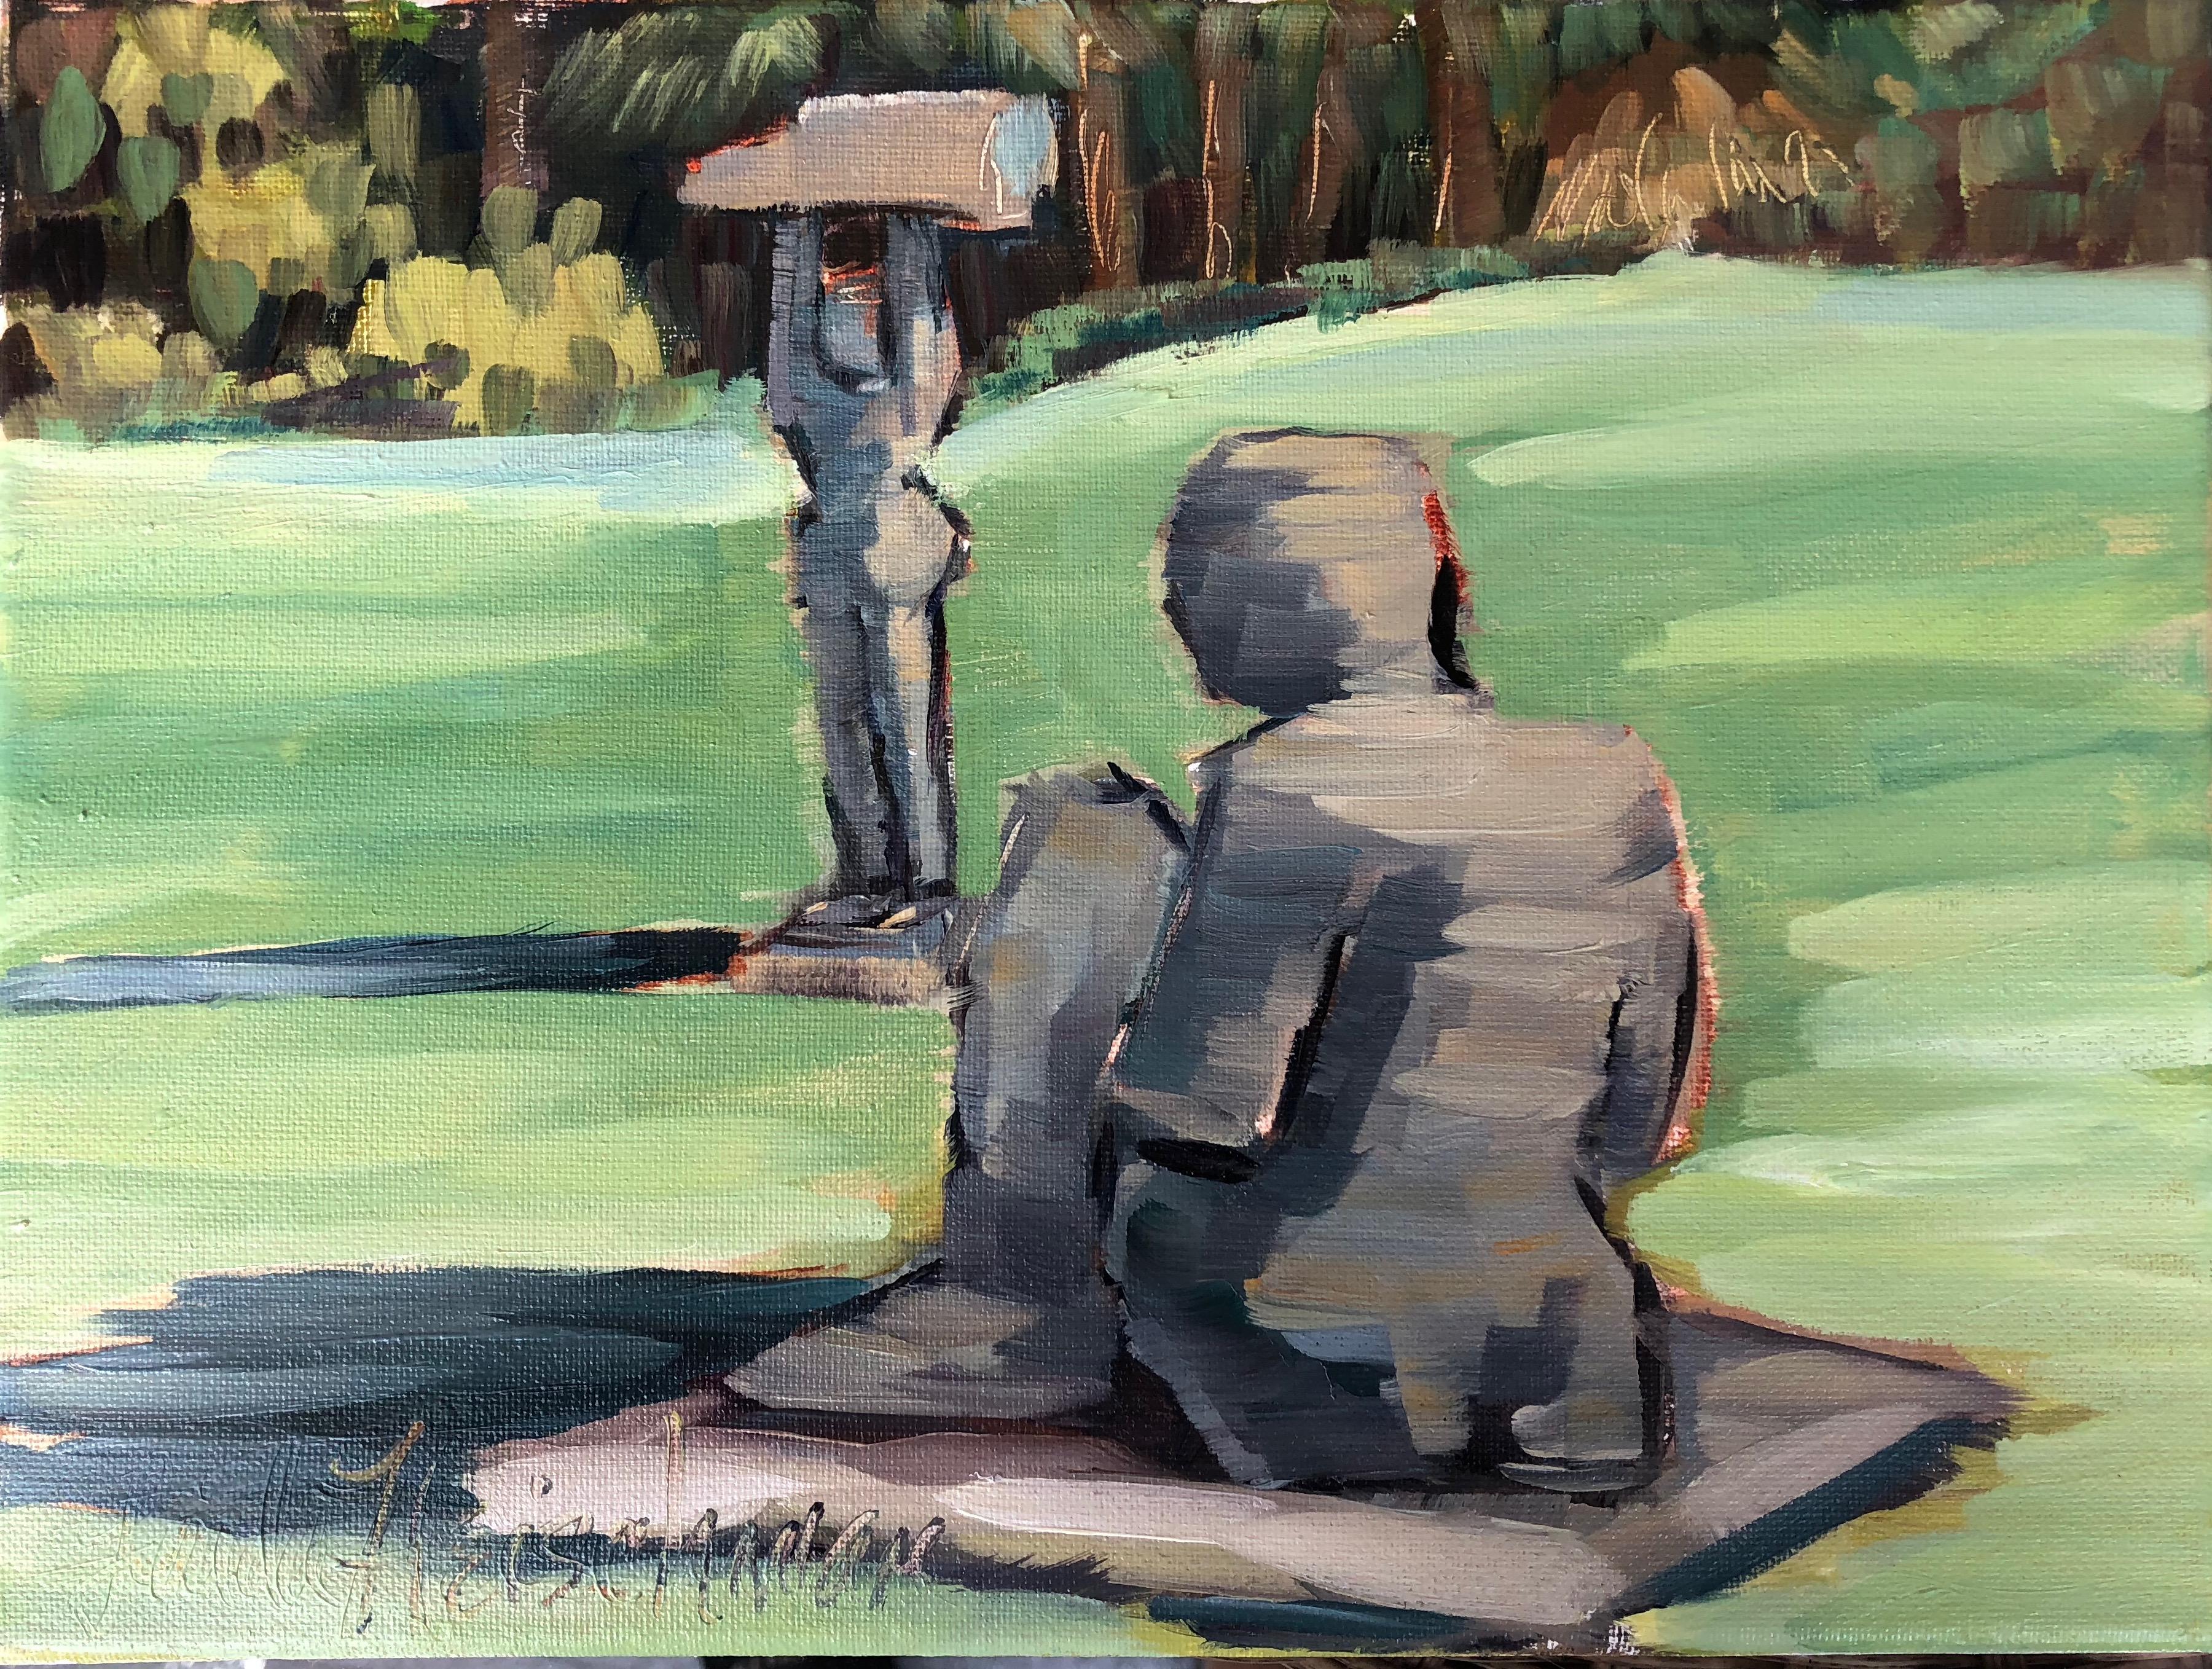 Ann Norton Sculpture Garden, West Palm Beach, FL (1)